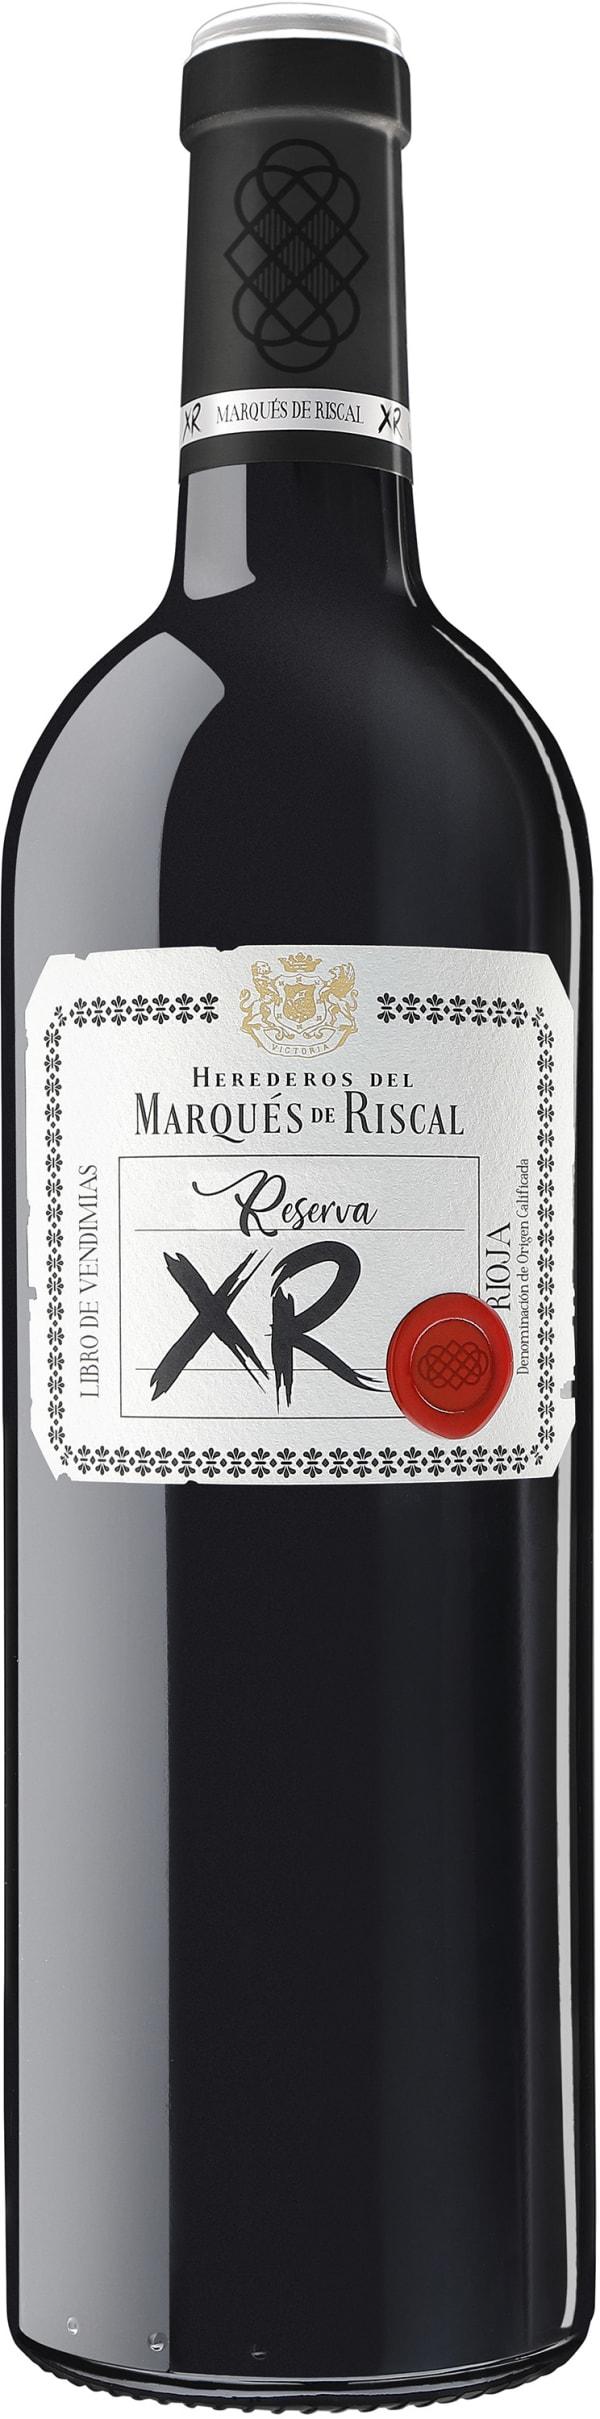 Marques de Riscal XR Reserva 2015